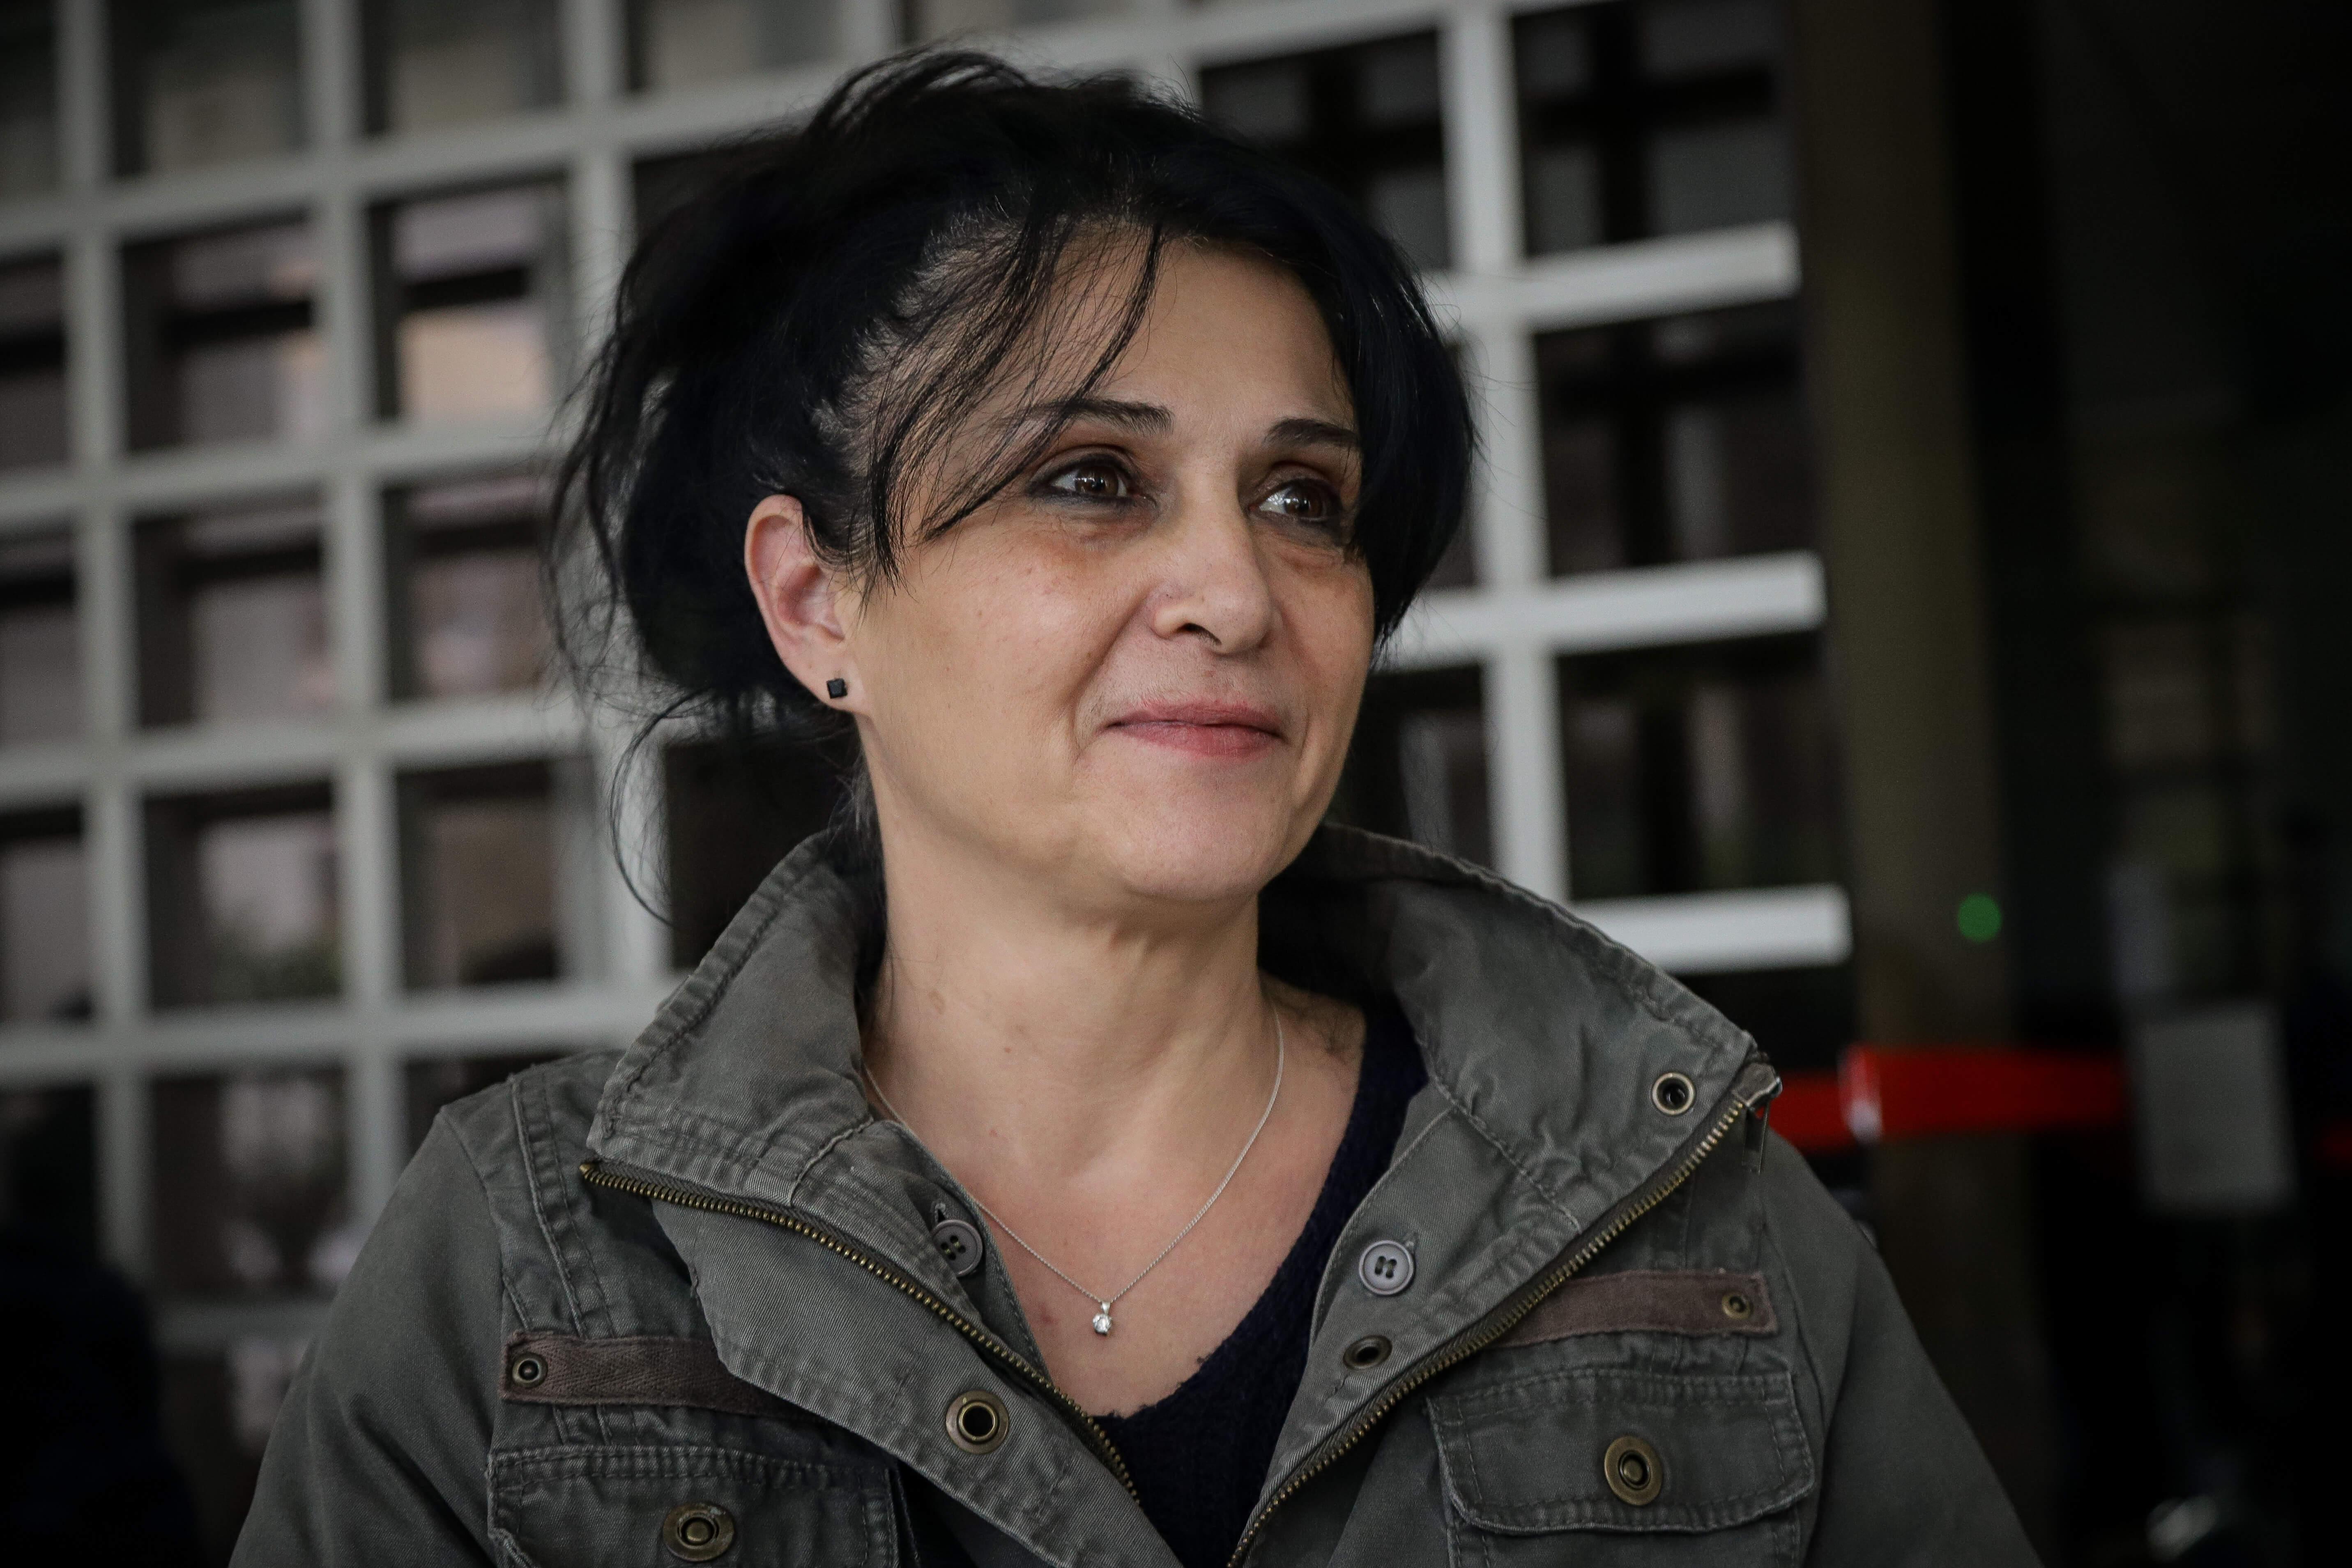 Αθώωση της 53χρονης καθαρίστριας ζητά η αντιεισαγγελέας του Αρείου Πάγου